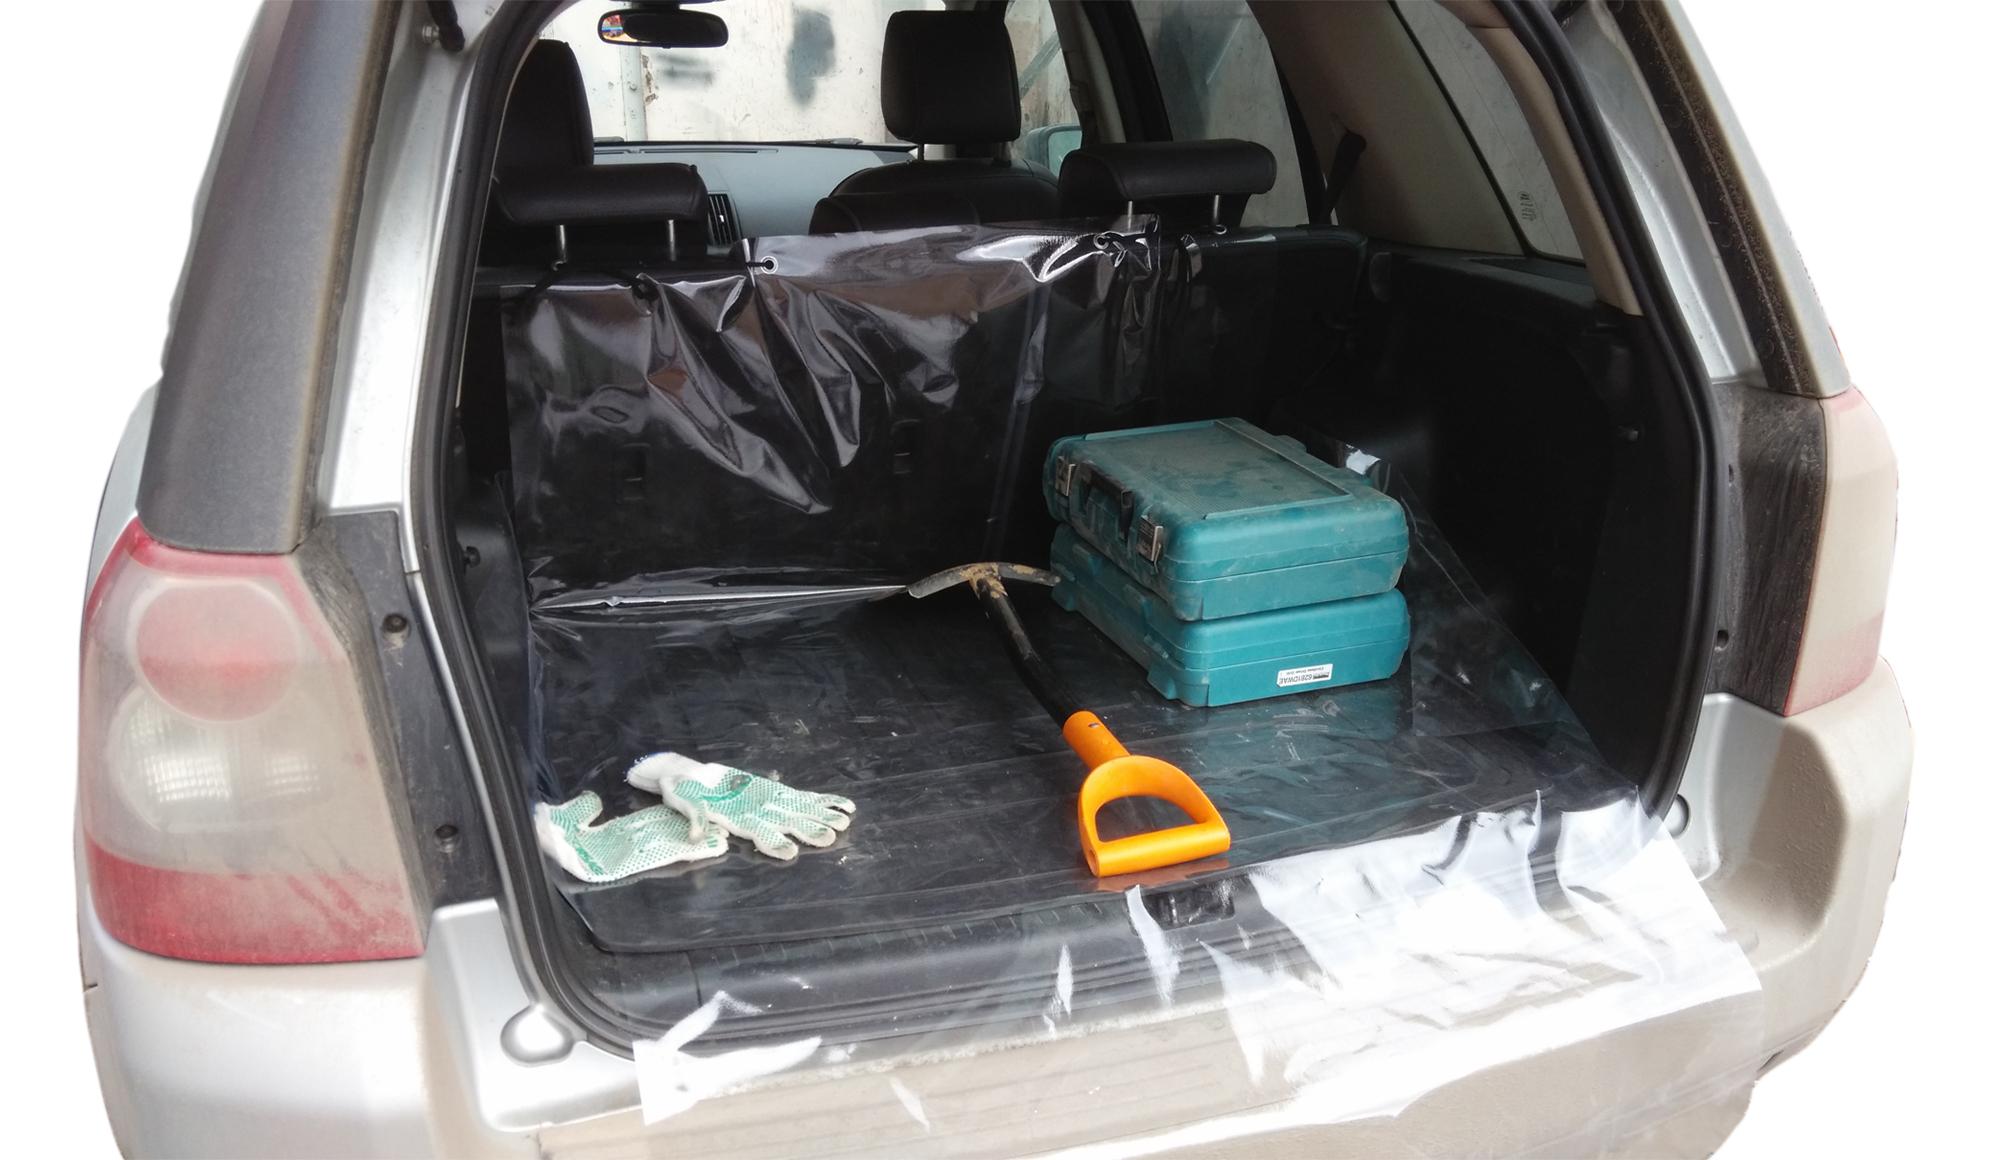 Накидка защитная Оранжевый слоник Свежесть, в багажник, 100 х 125 х 50 смCA-3505Накидка Свежесть изготовлена из прочного водонепроницаемого материала. Защищает дно, боковые стенки багажника и спинки задних сидений от грязи и повреждений. Дополнительная накидка защитит бампер от царапин во время загрузки. Накидка быстро и легко одевается, не мешает откидыванию задних сидений. Подходит для большинства кроссоверов и универсалов.